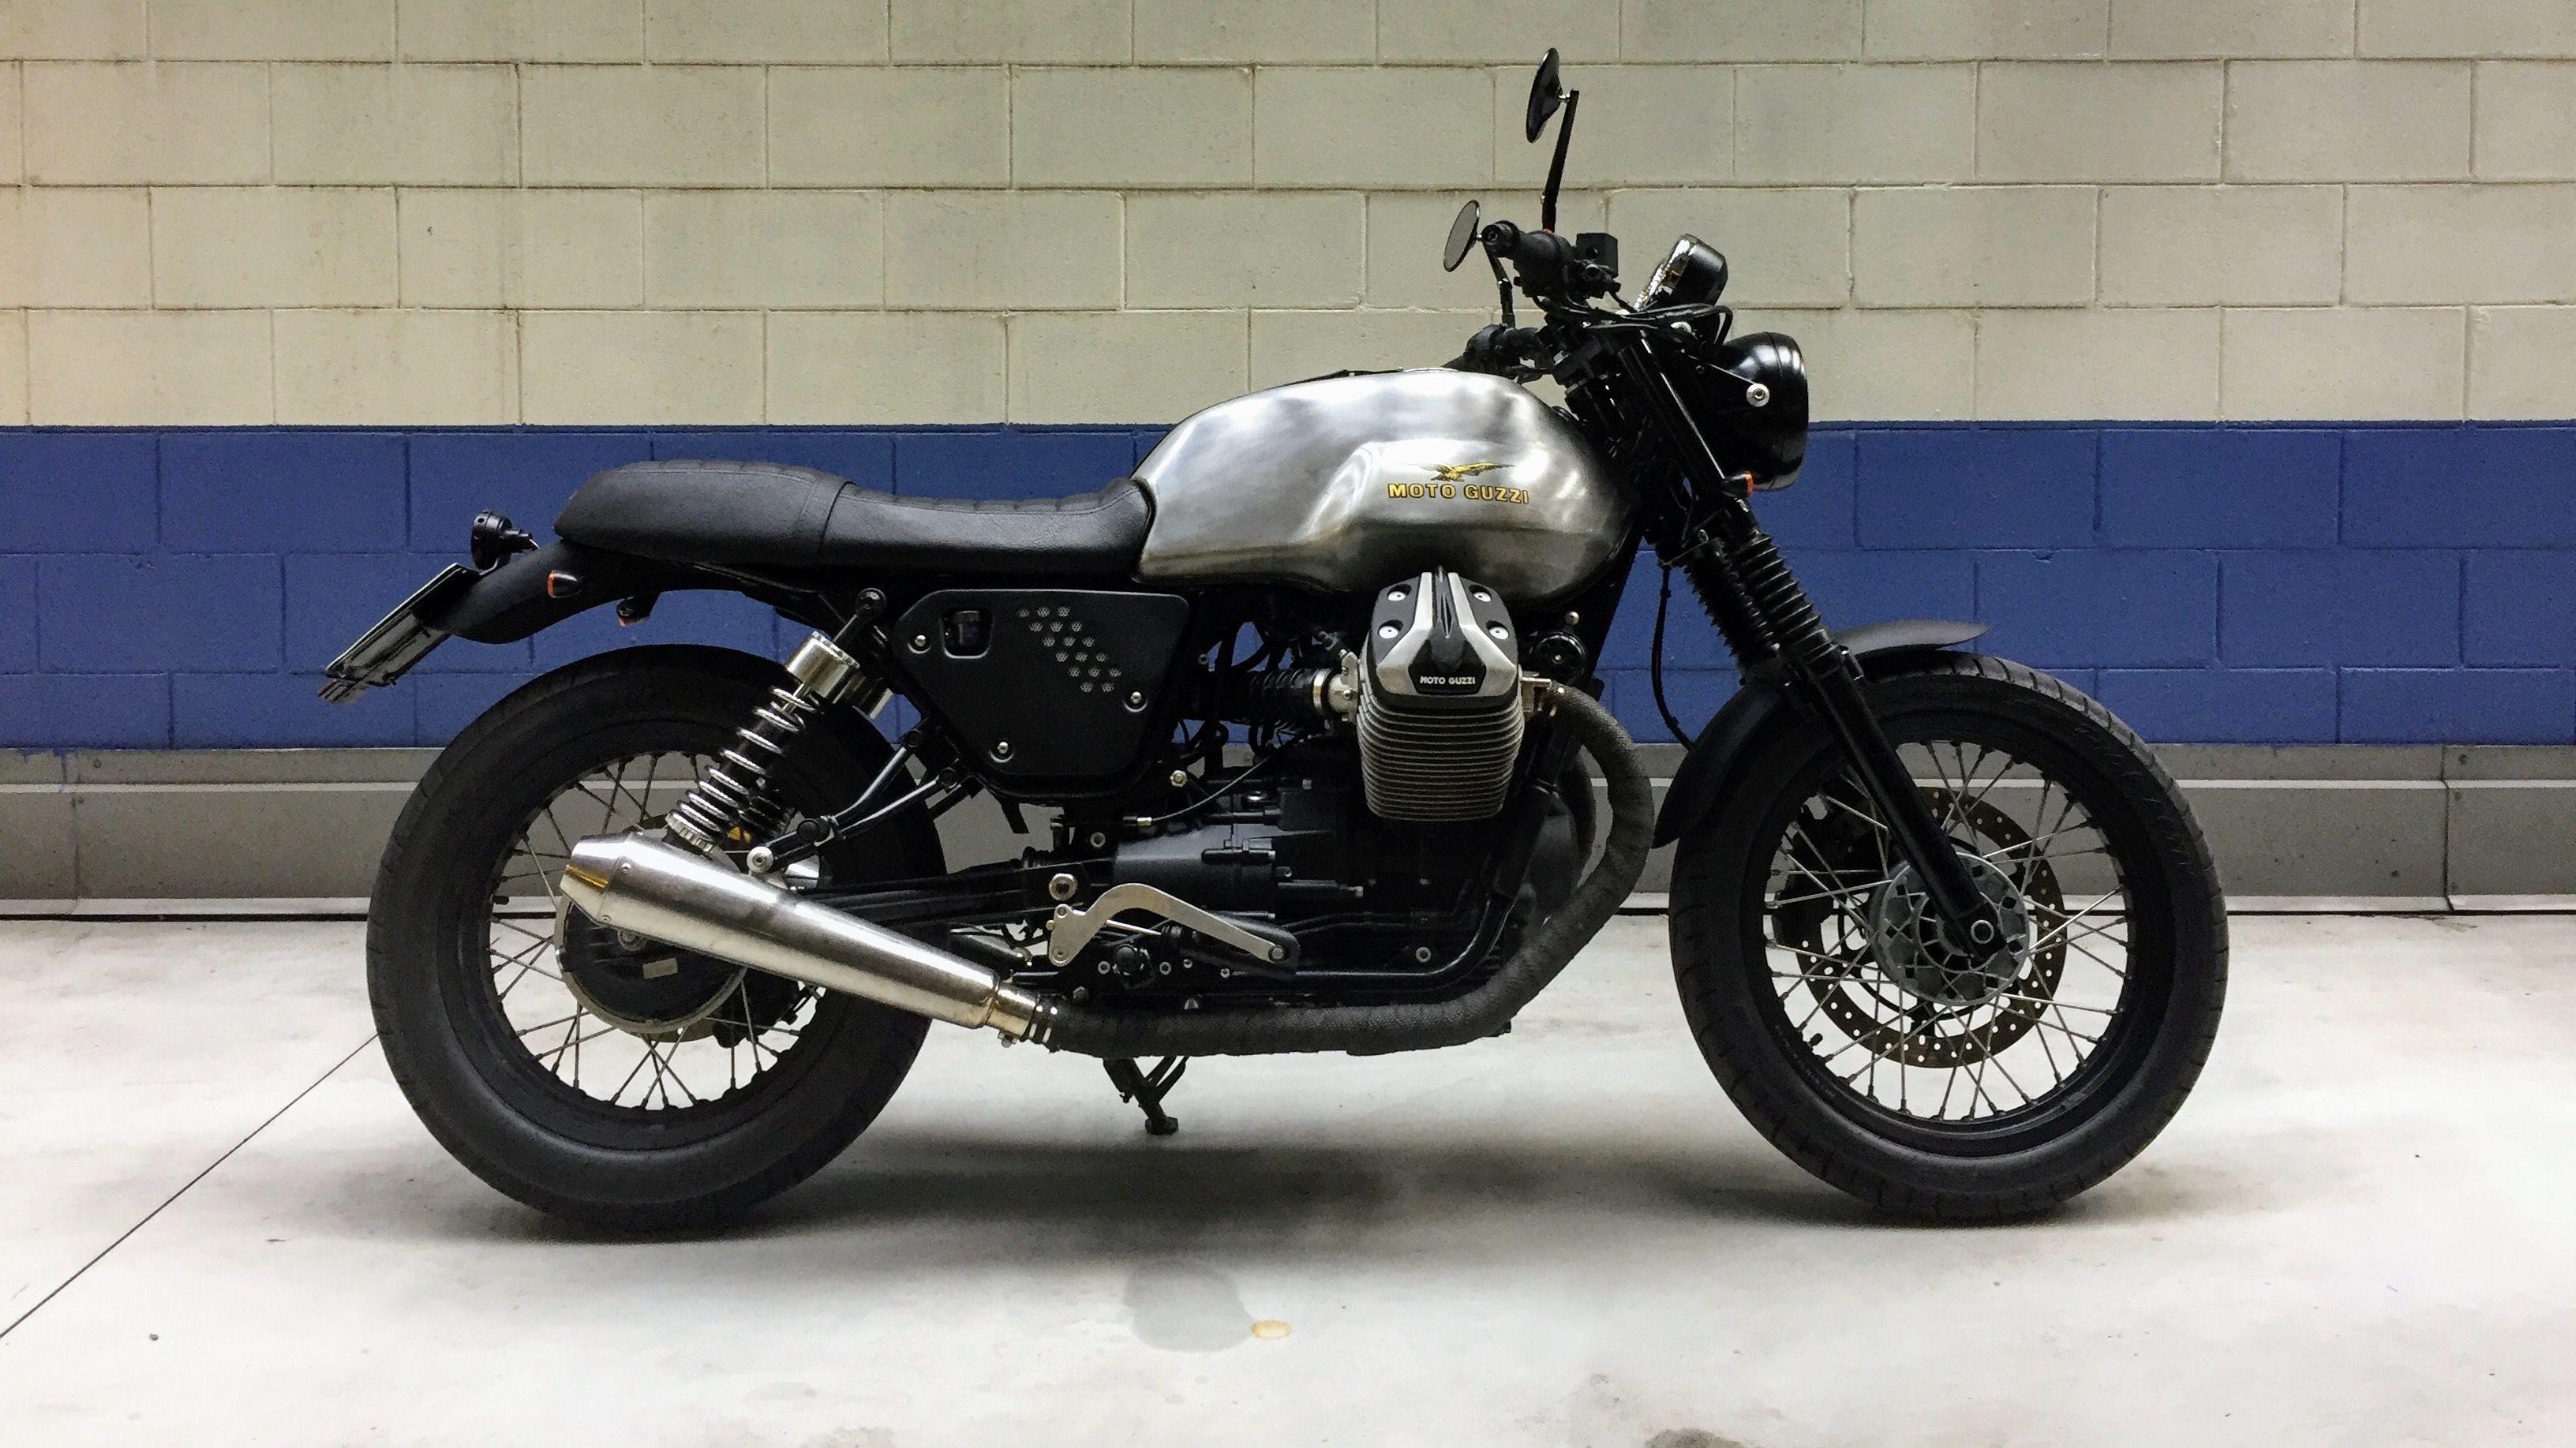 Moto Guzzi V7ii Motoguzzi V7ii Guzzi V7 Caferacer Bratstyle Brat Byke Mybikemypride Custom Holdfast